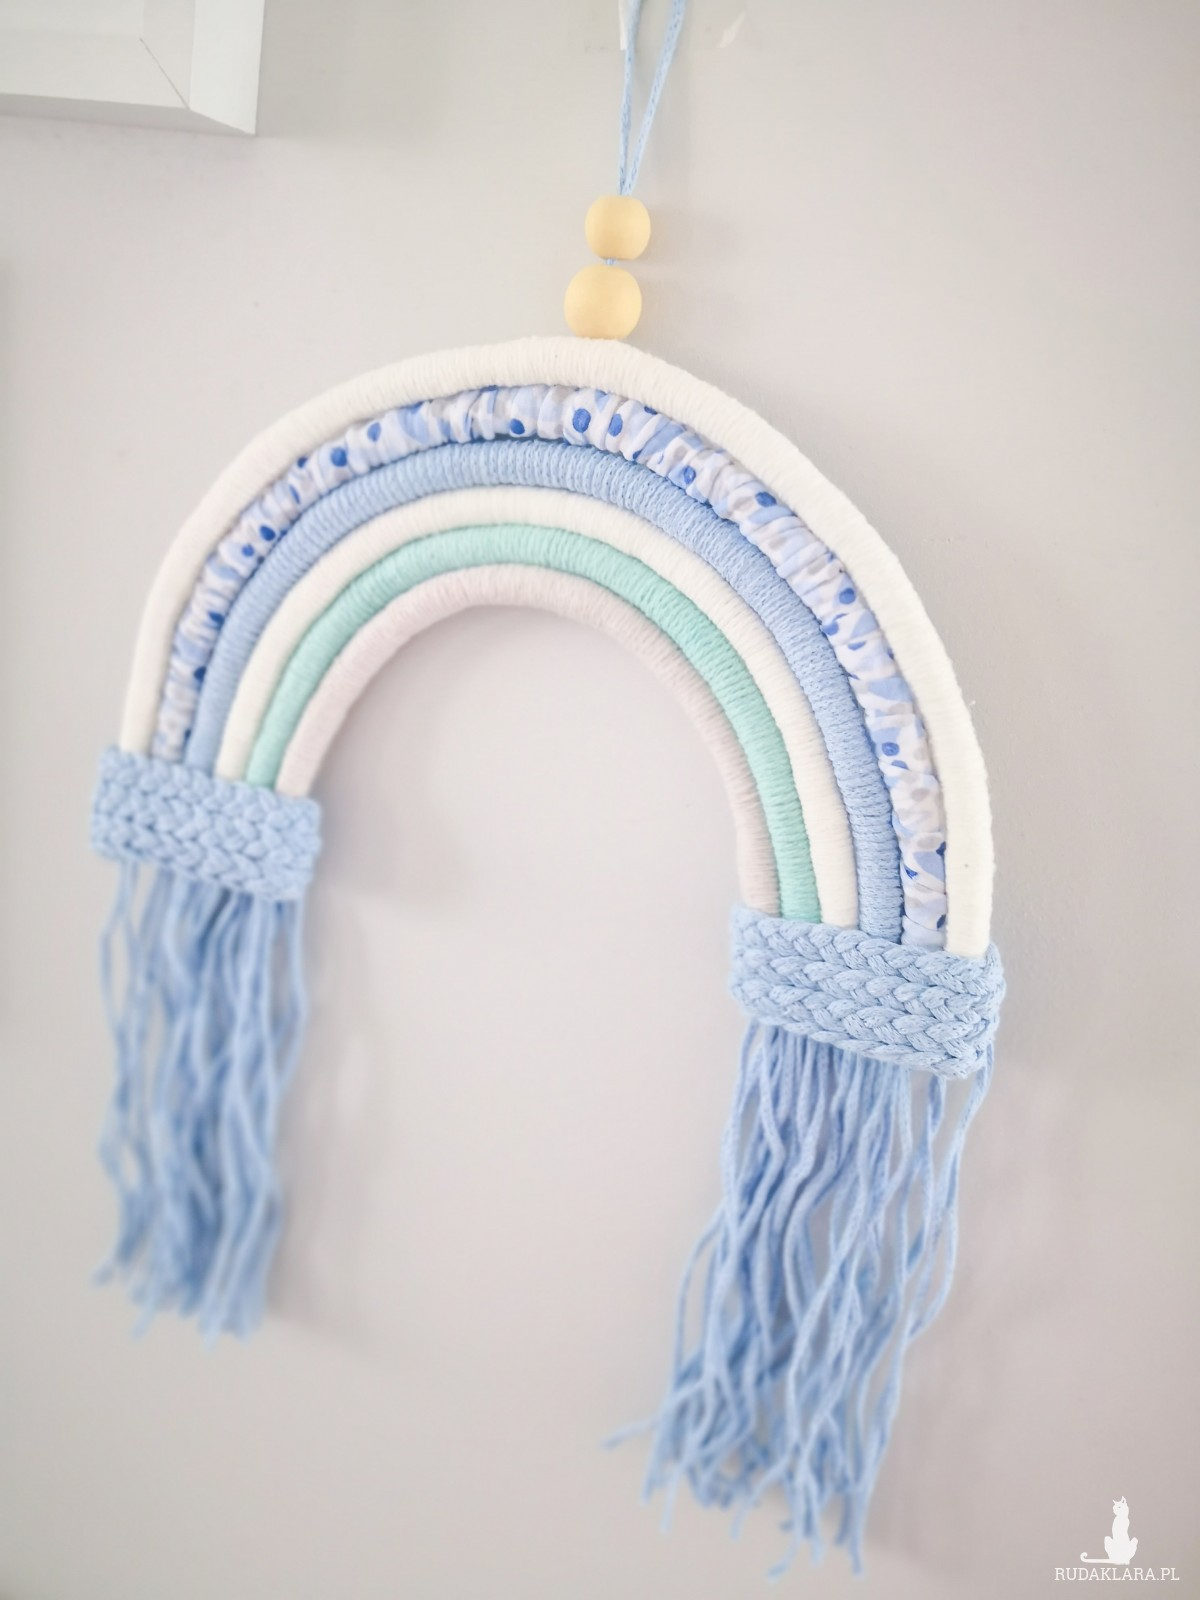 Makrama ścienna tęcza ze sznurka niebieska